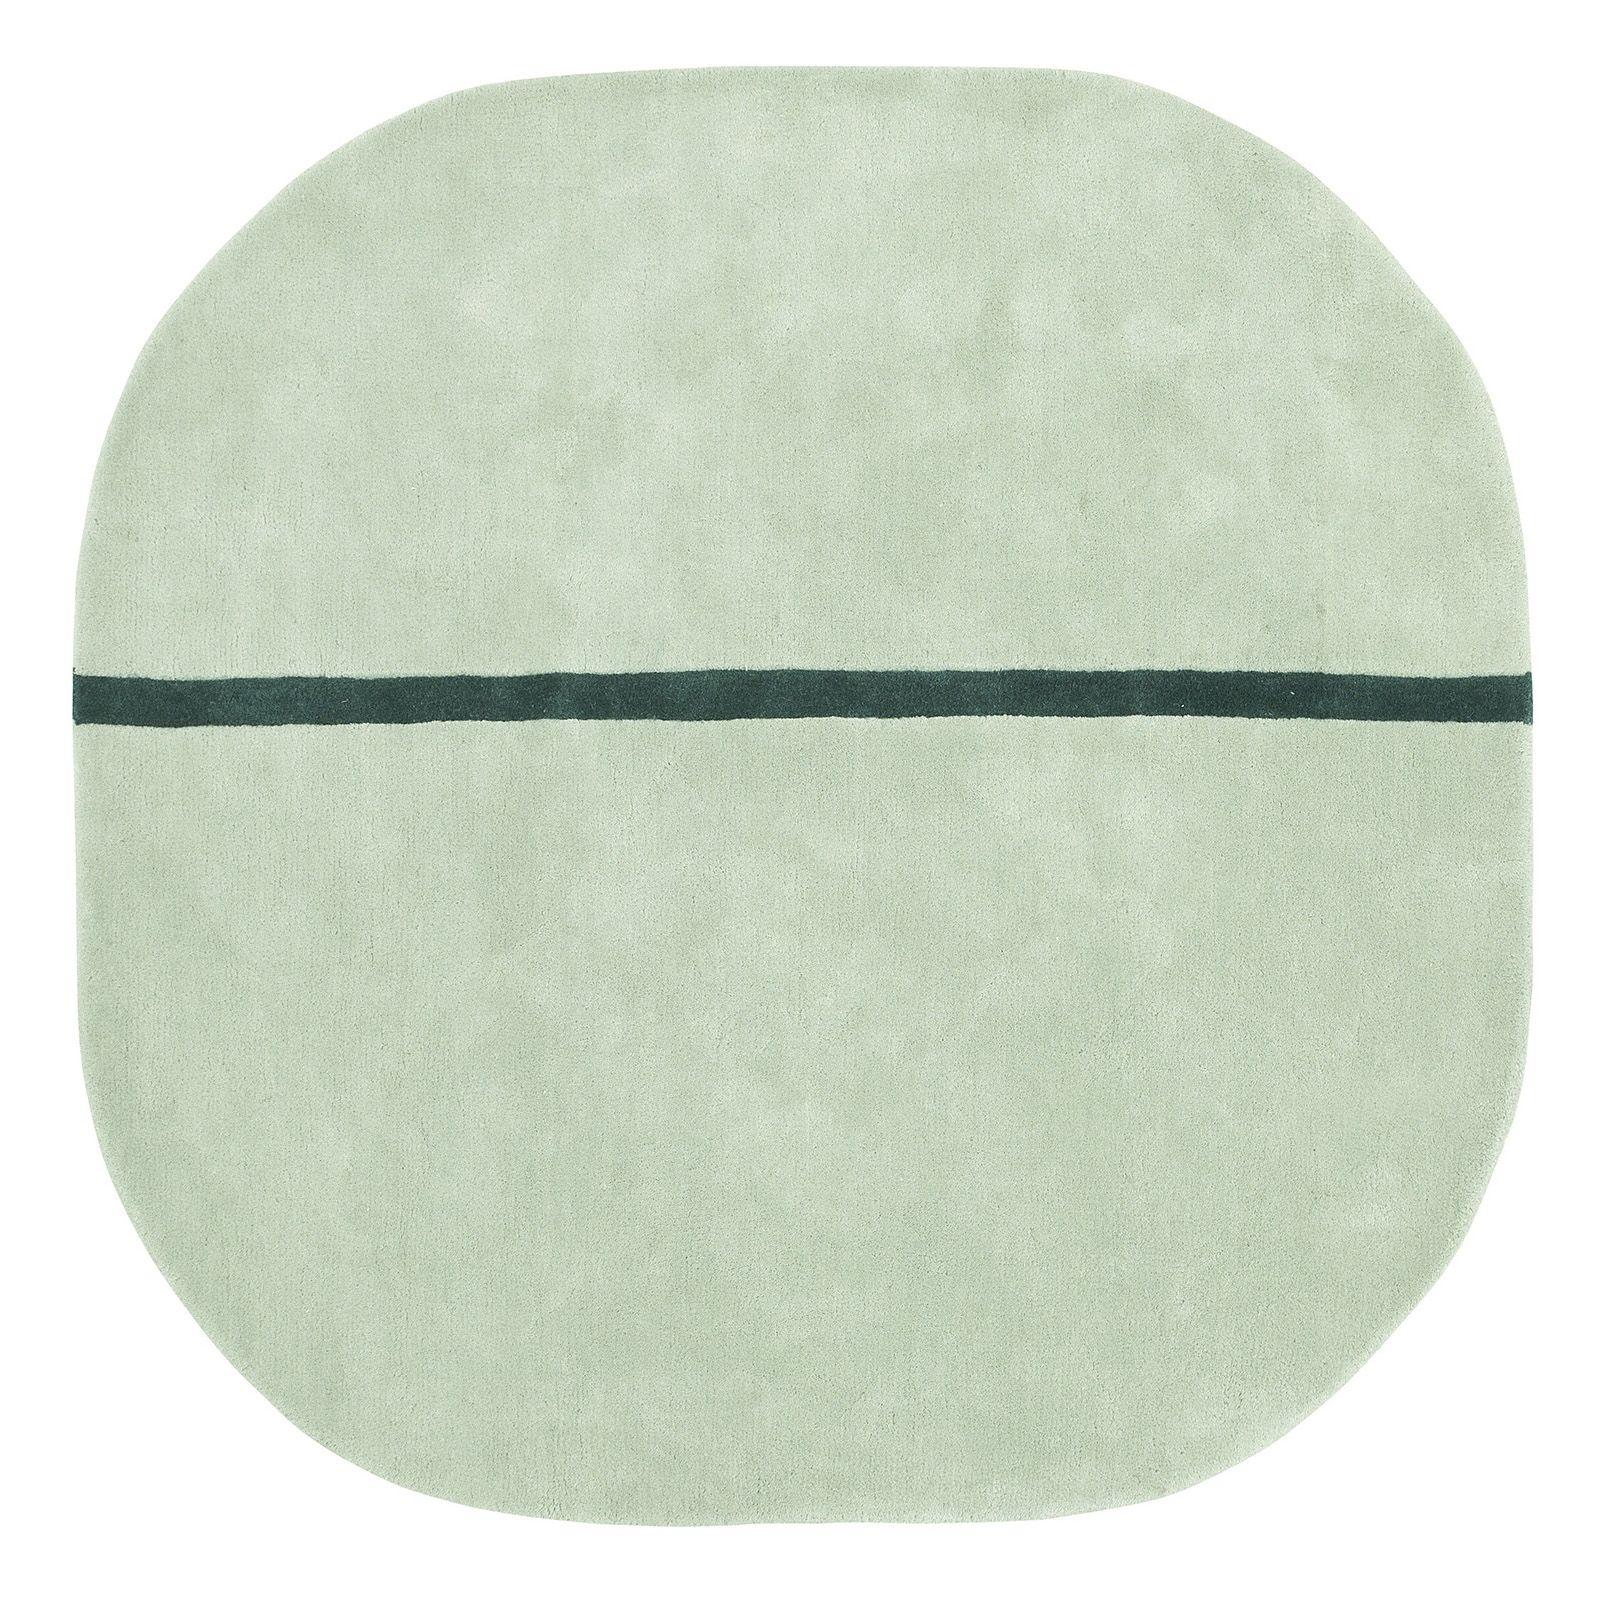 Oona vloerkleed Normann Copenhagen 140x140cm mint